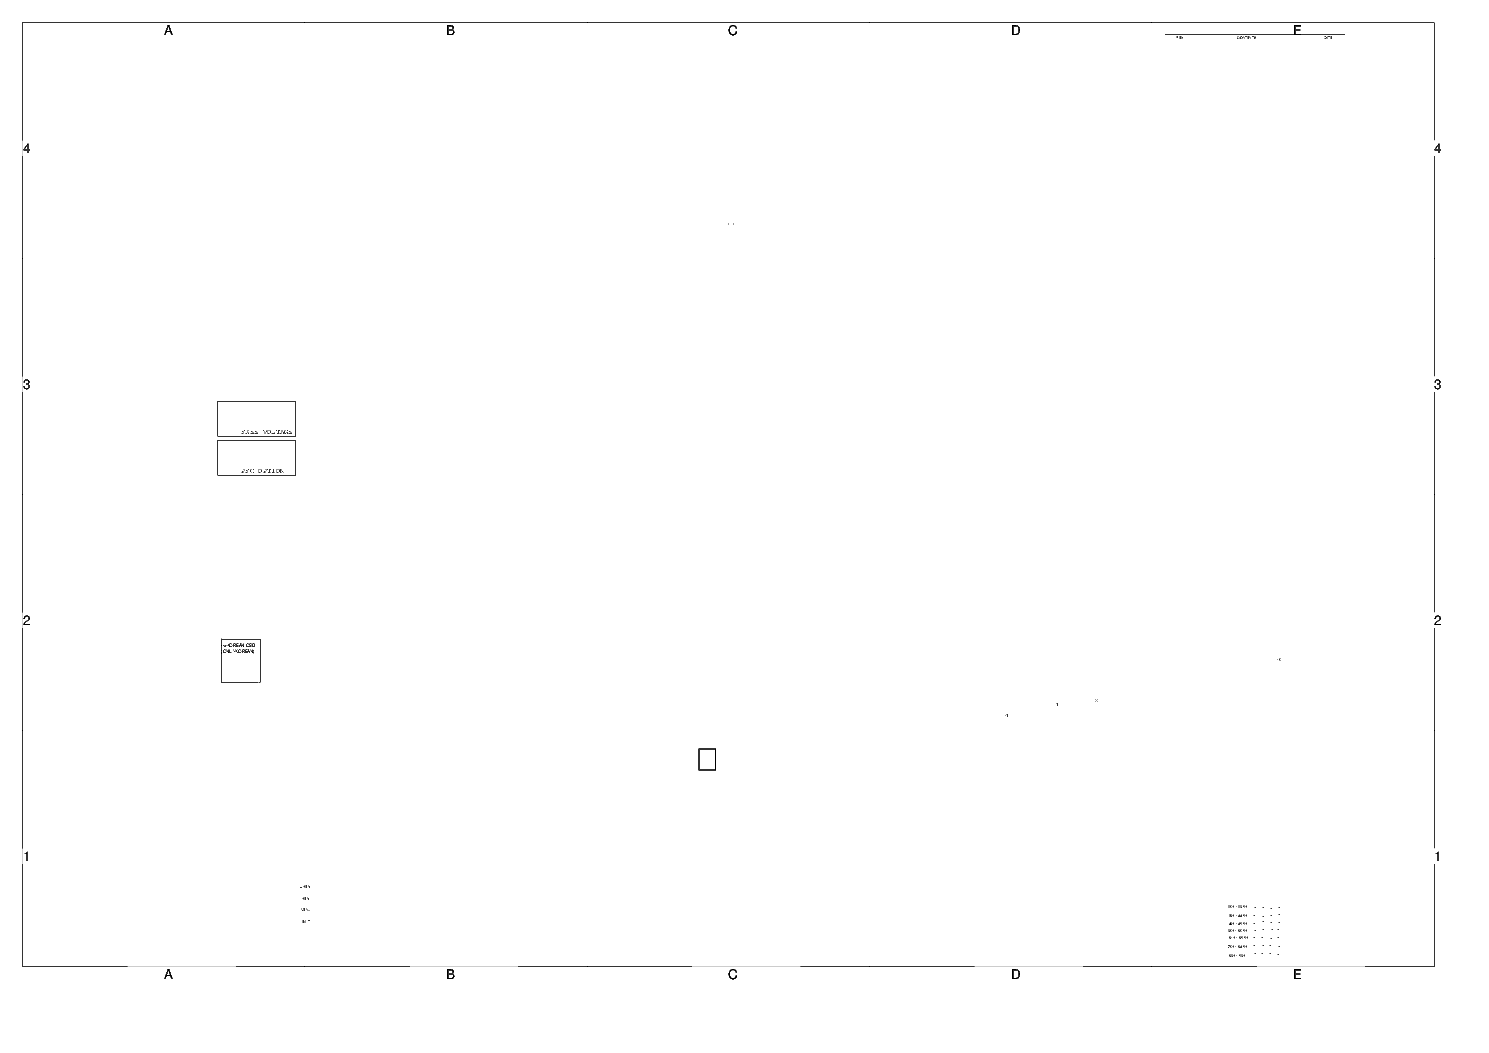 HANSOL-730P 730D